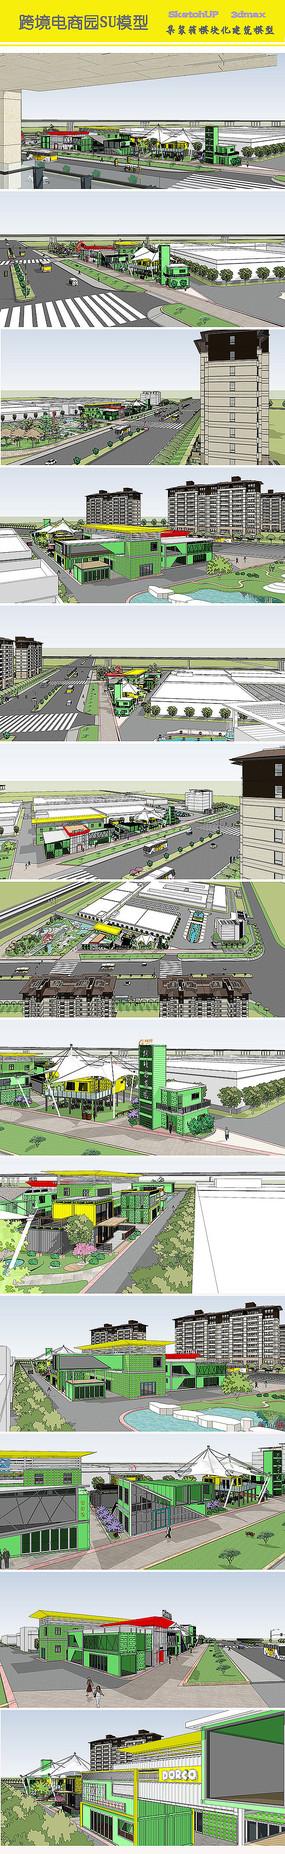 跨境電商園SU模型集裝箱模塊化建筑模型